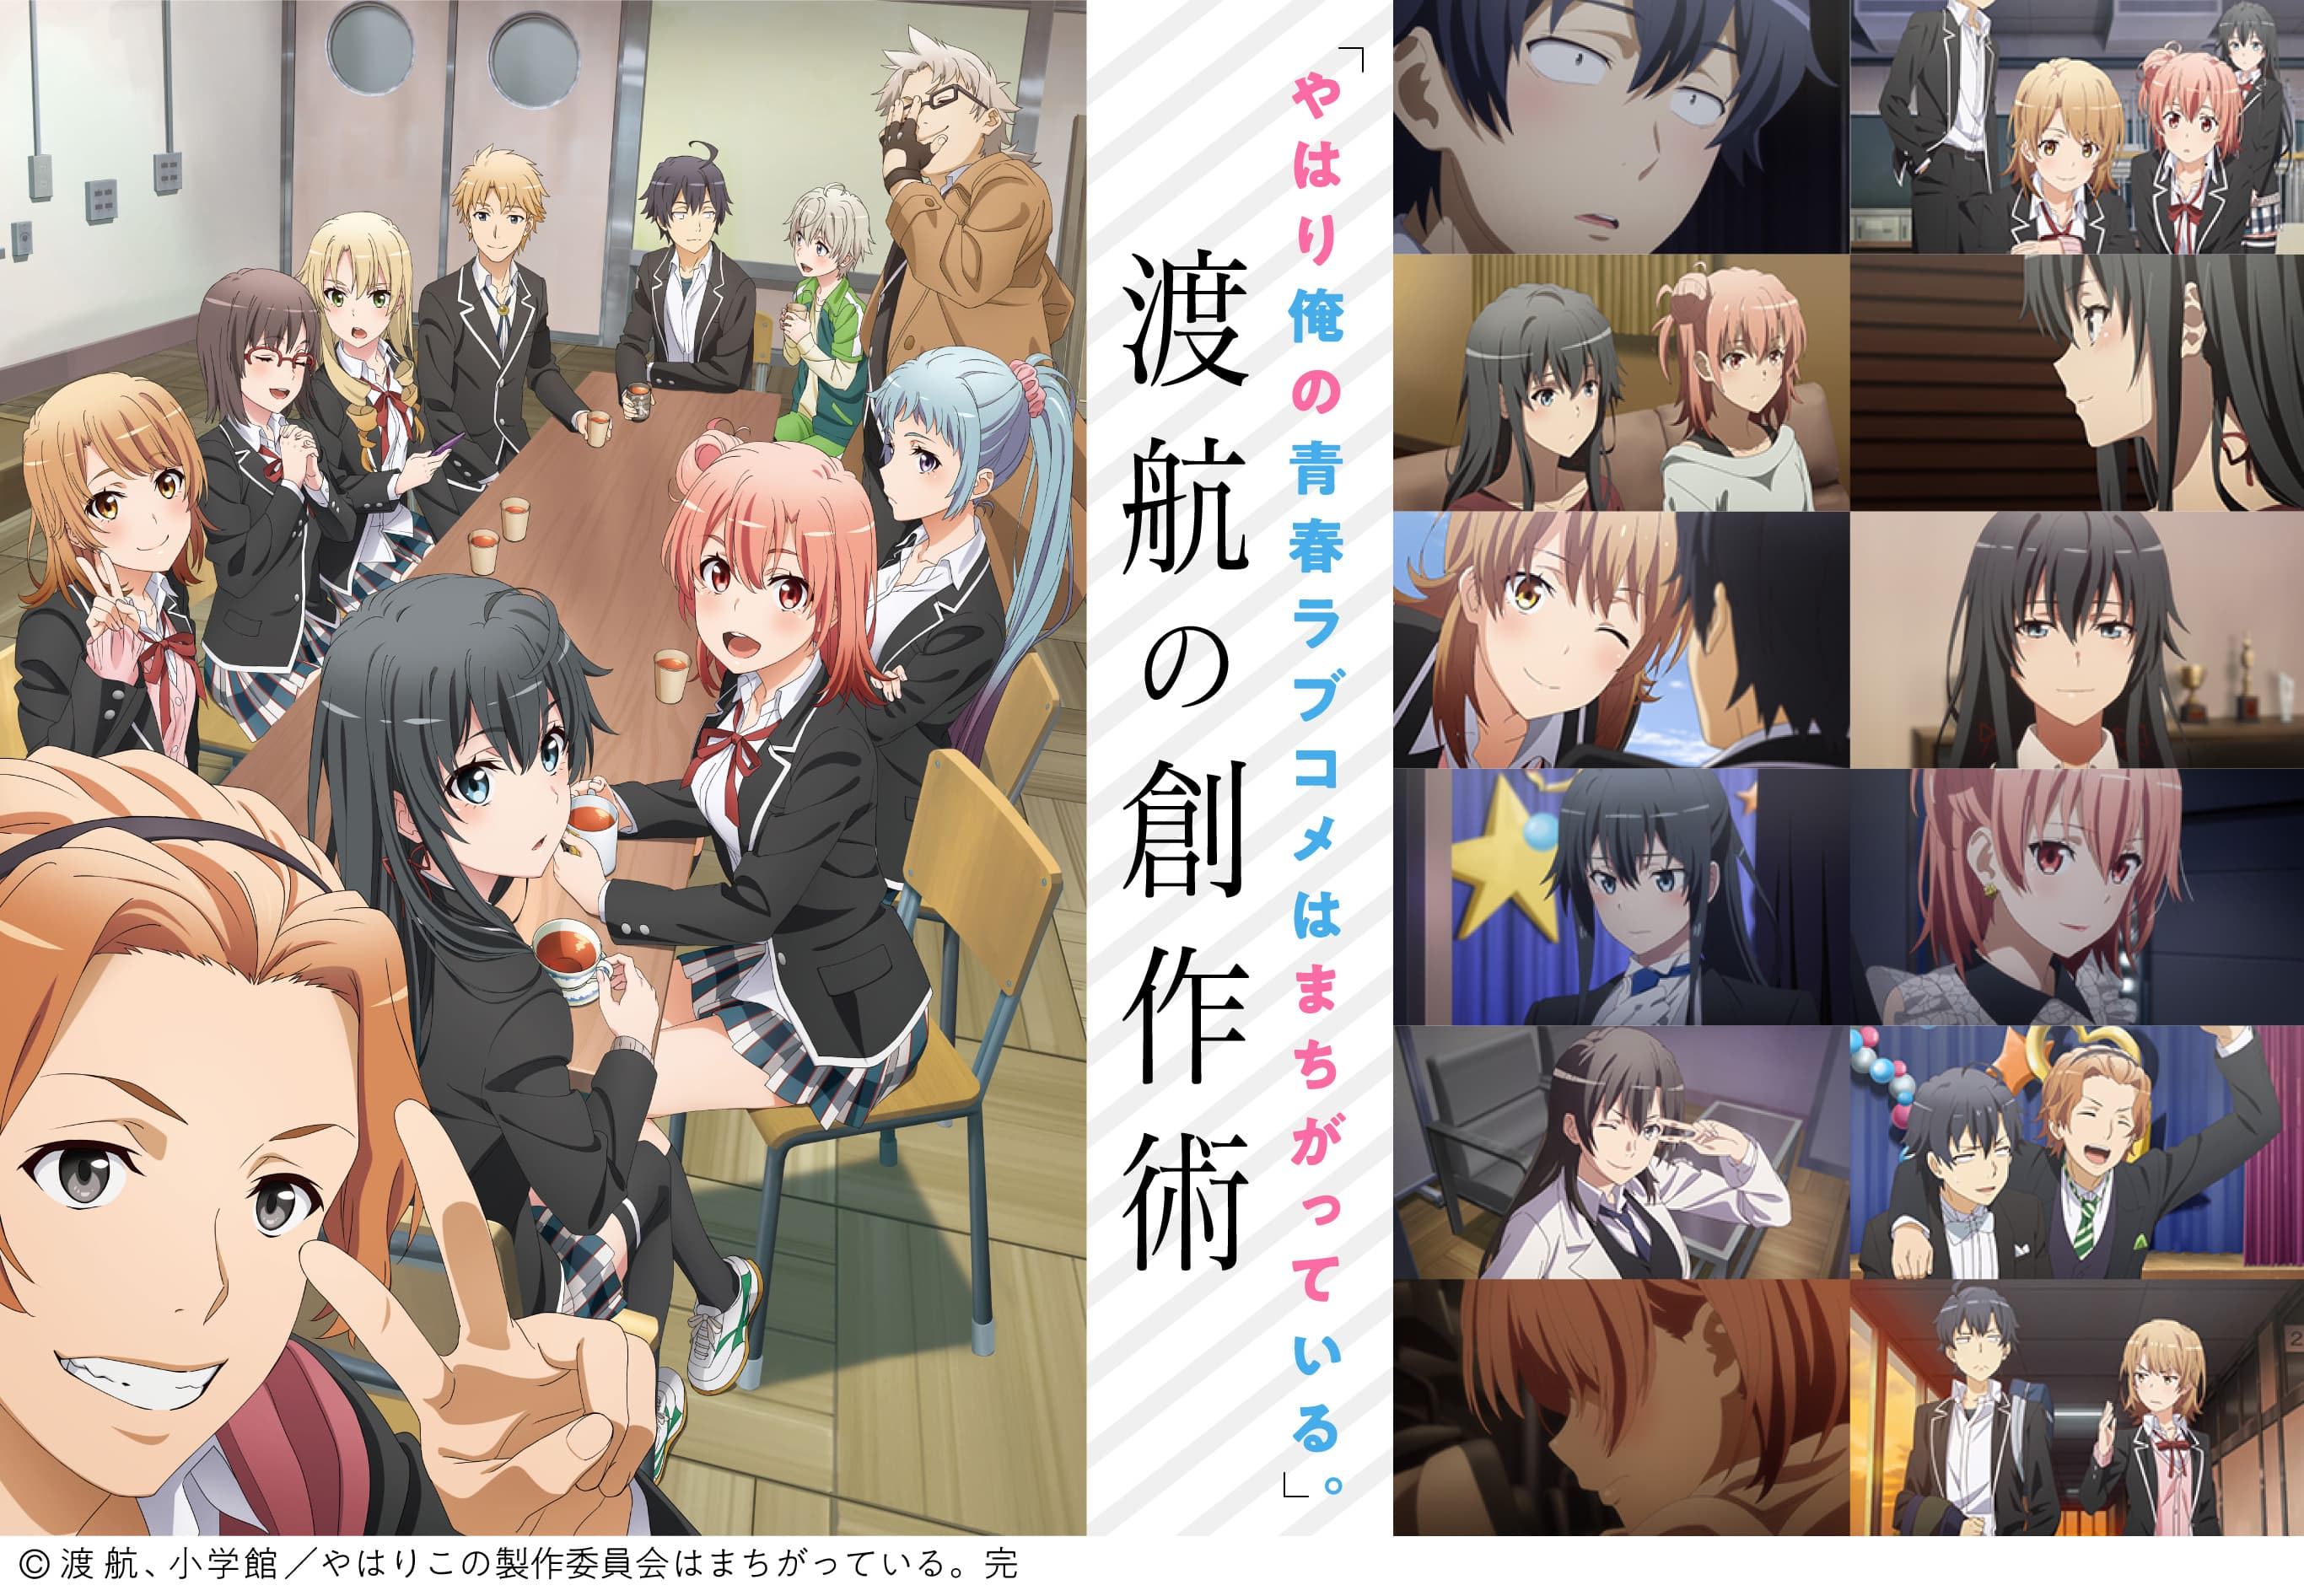 我的青春恋爱喜剧果然有问题第3季 动画预告PV4 一色彩羽 ACG资讯 第1张